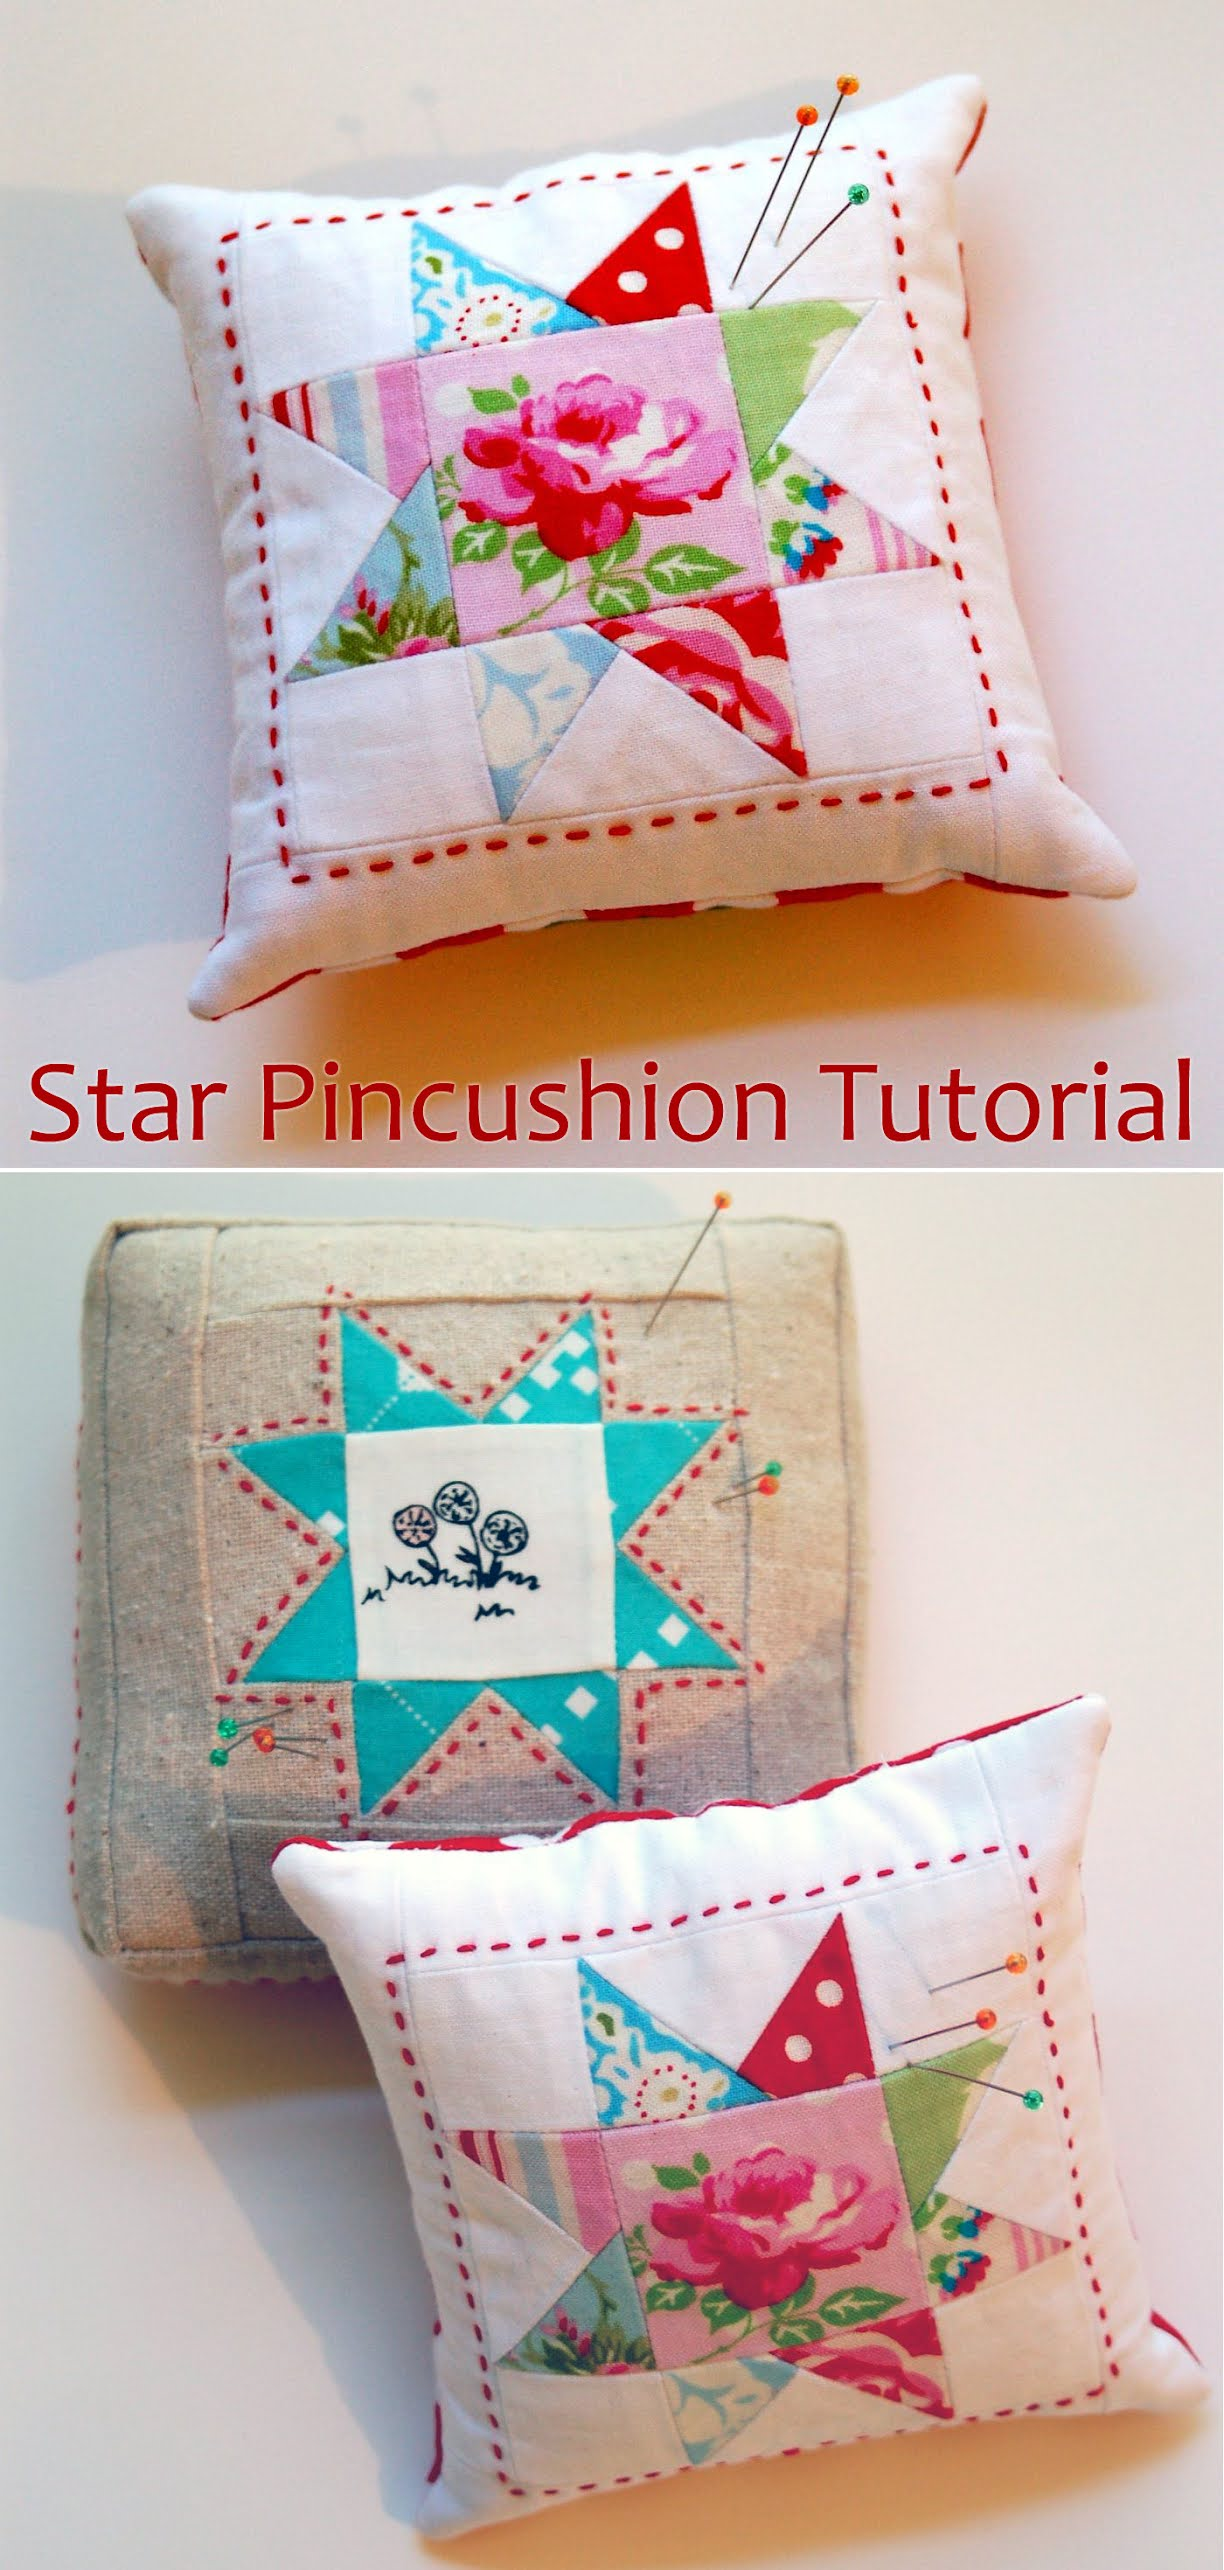 Star Pincushion Tutorial